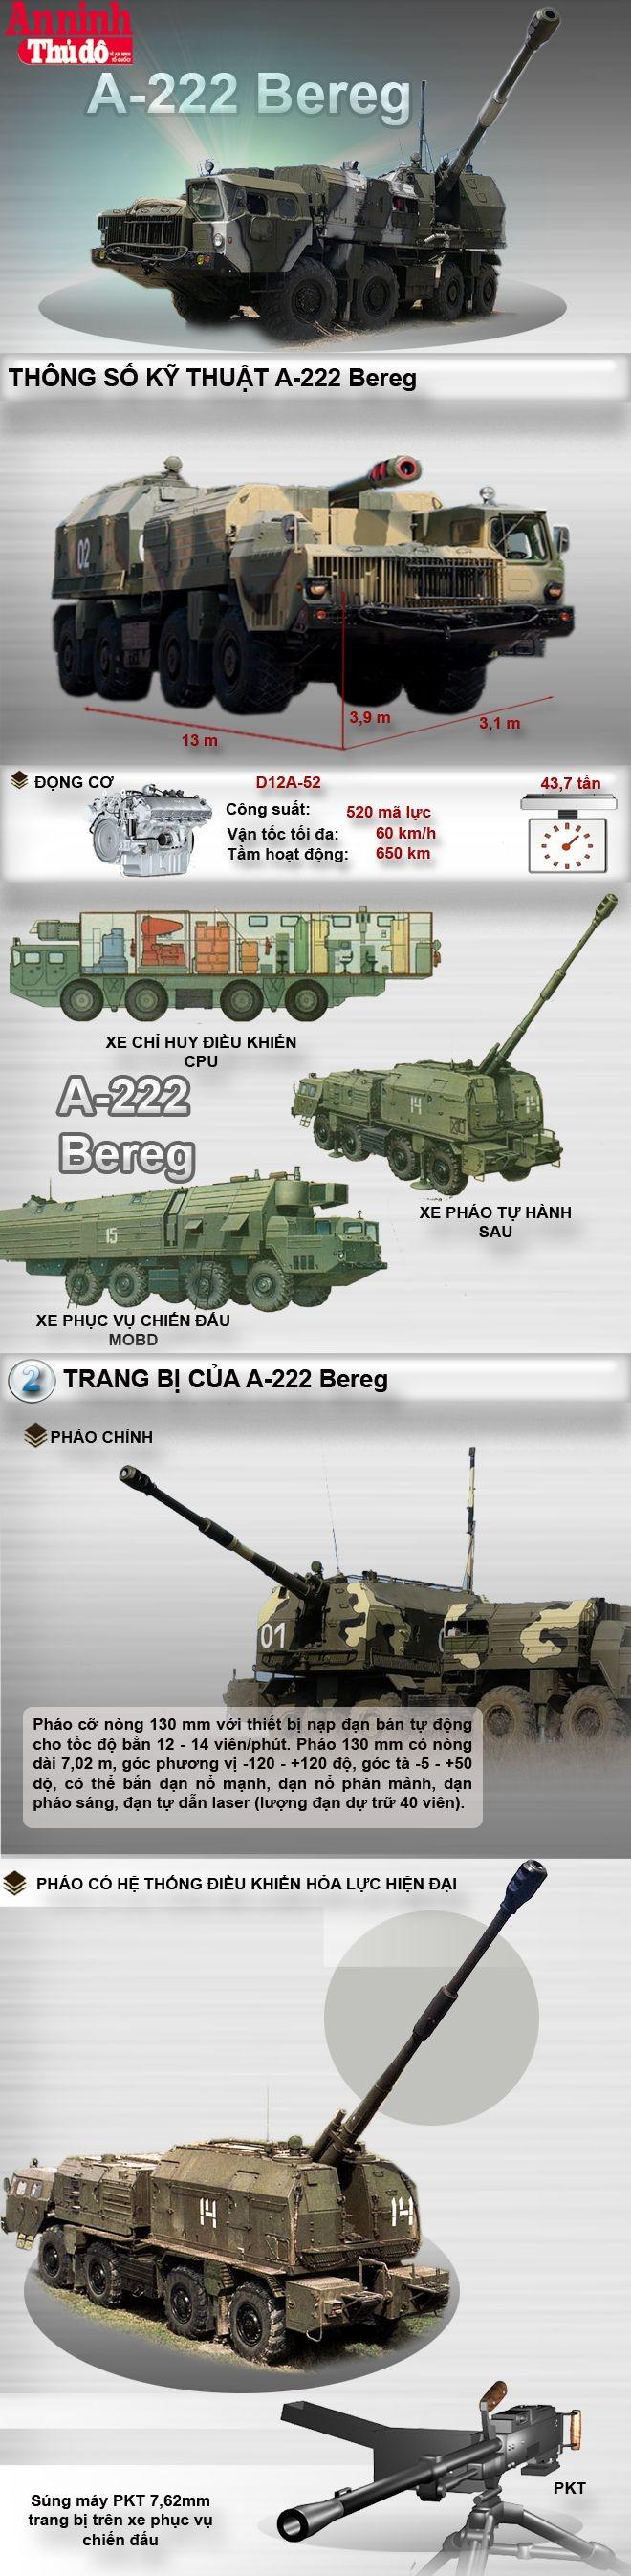 A-222 Bereg -Tổ hợp pháo phòng thủ bờ biển uy lực của Nga